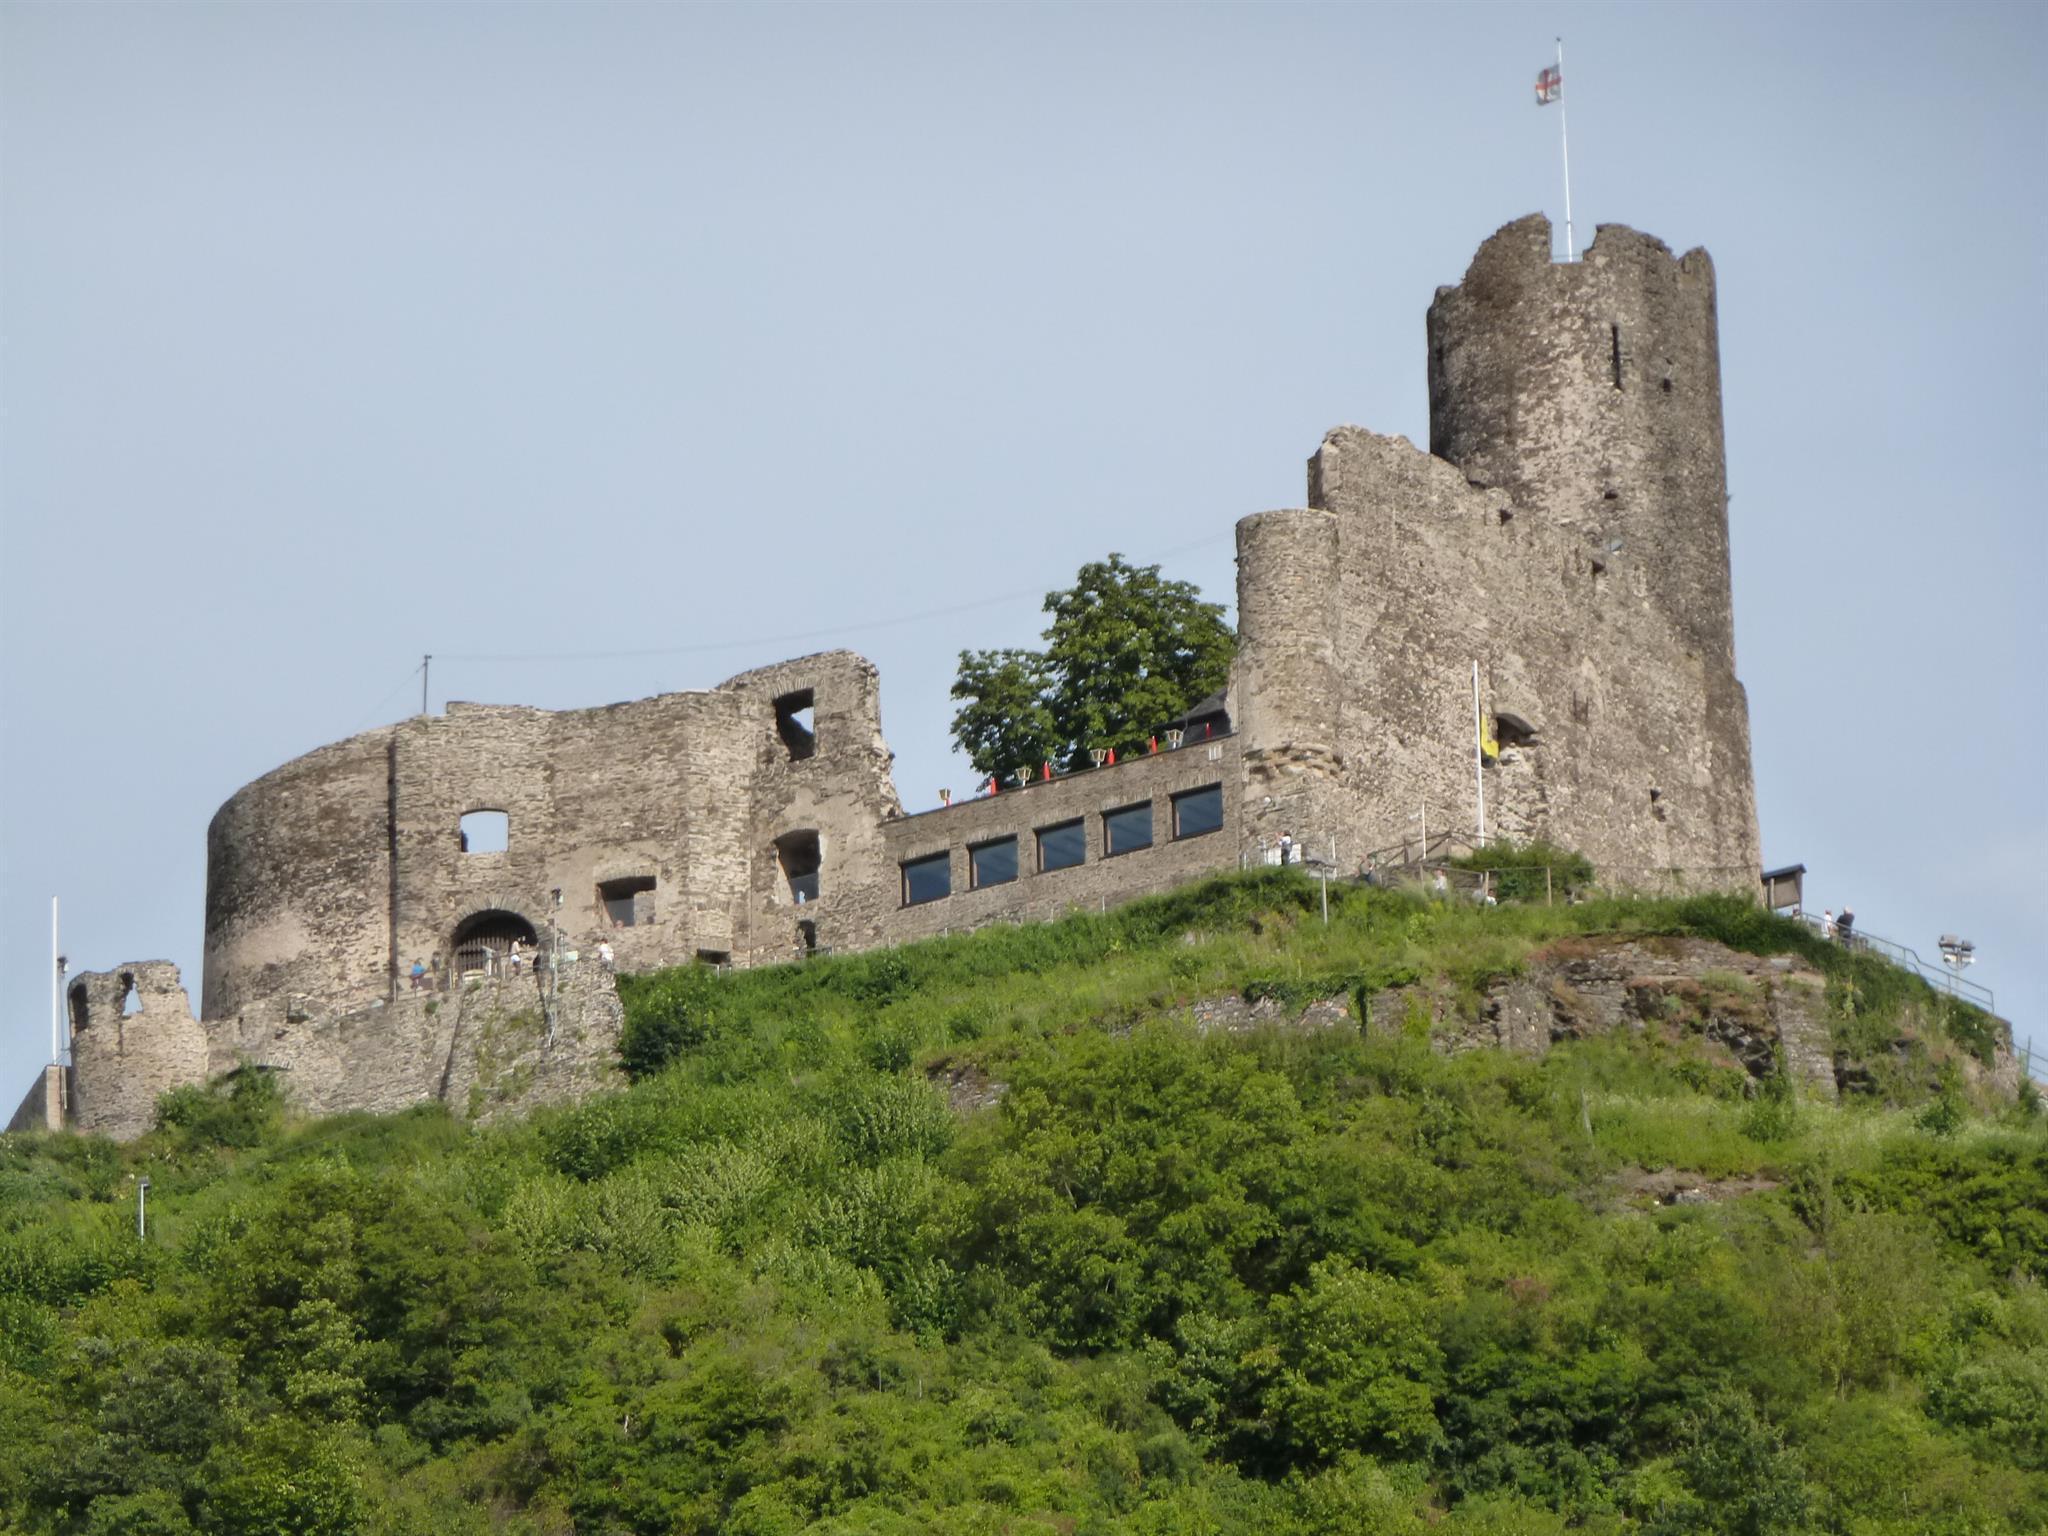 Burgruine Landsgut